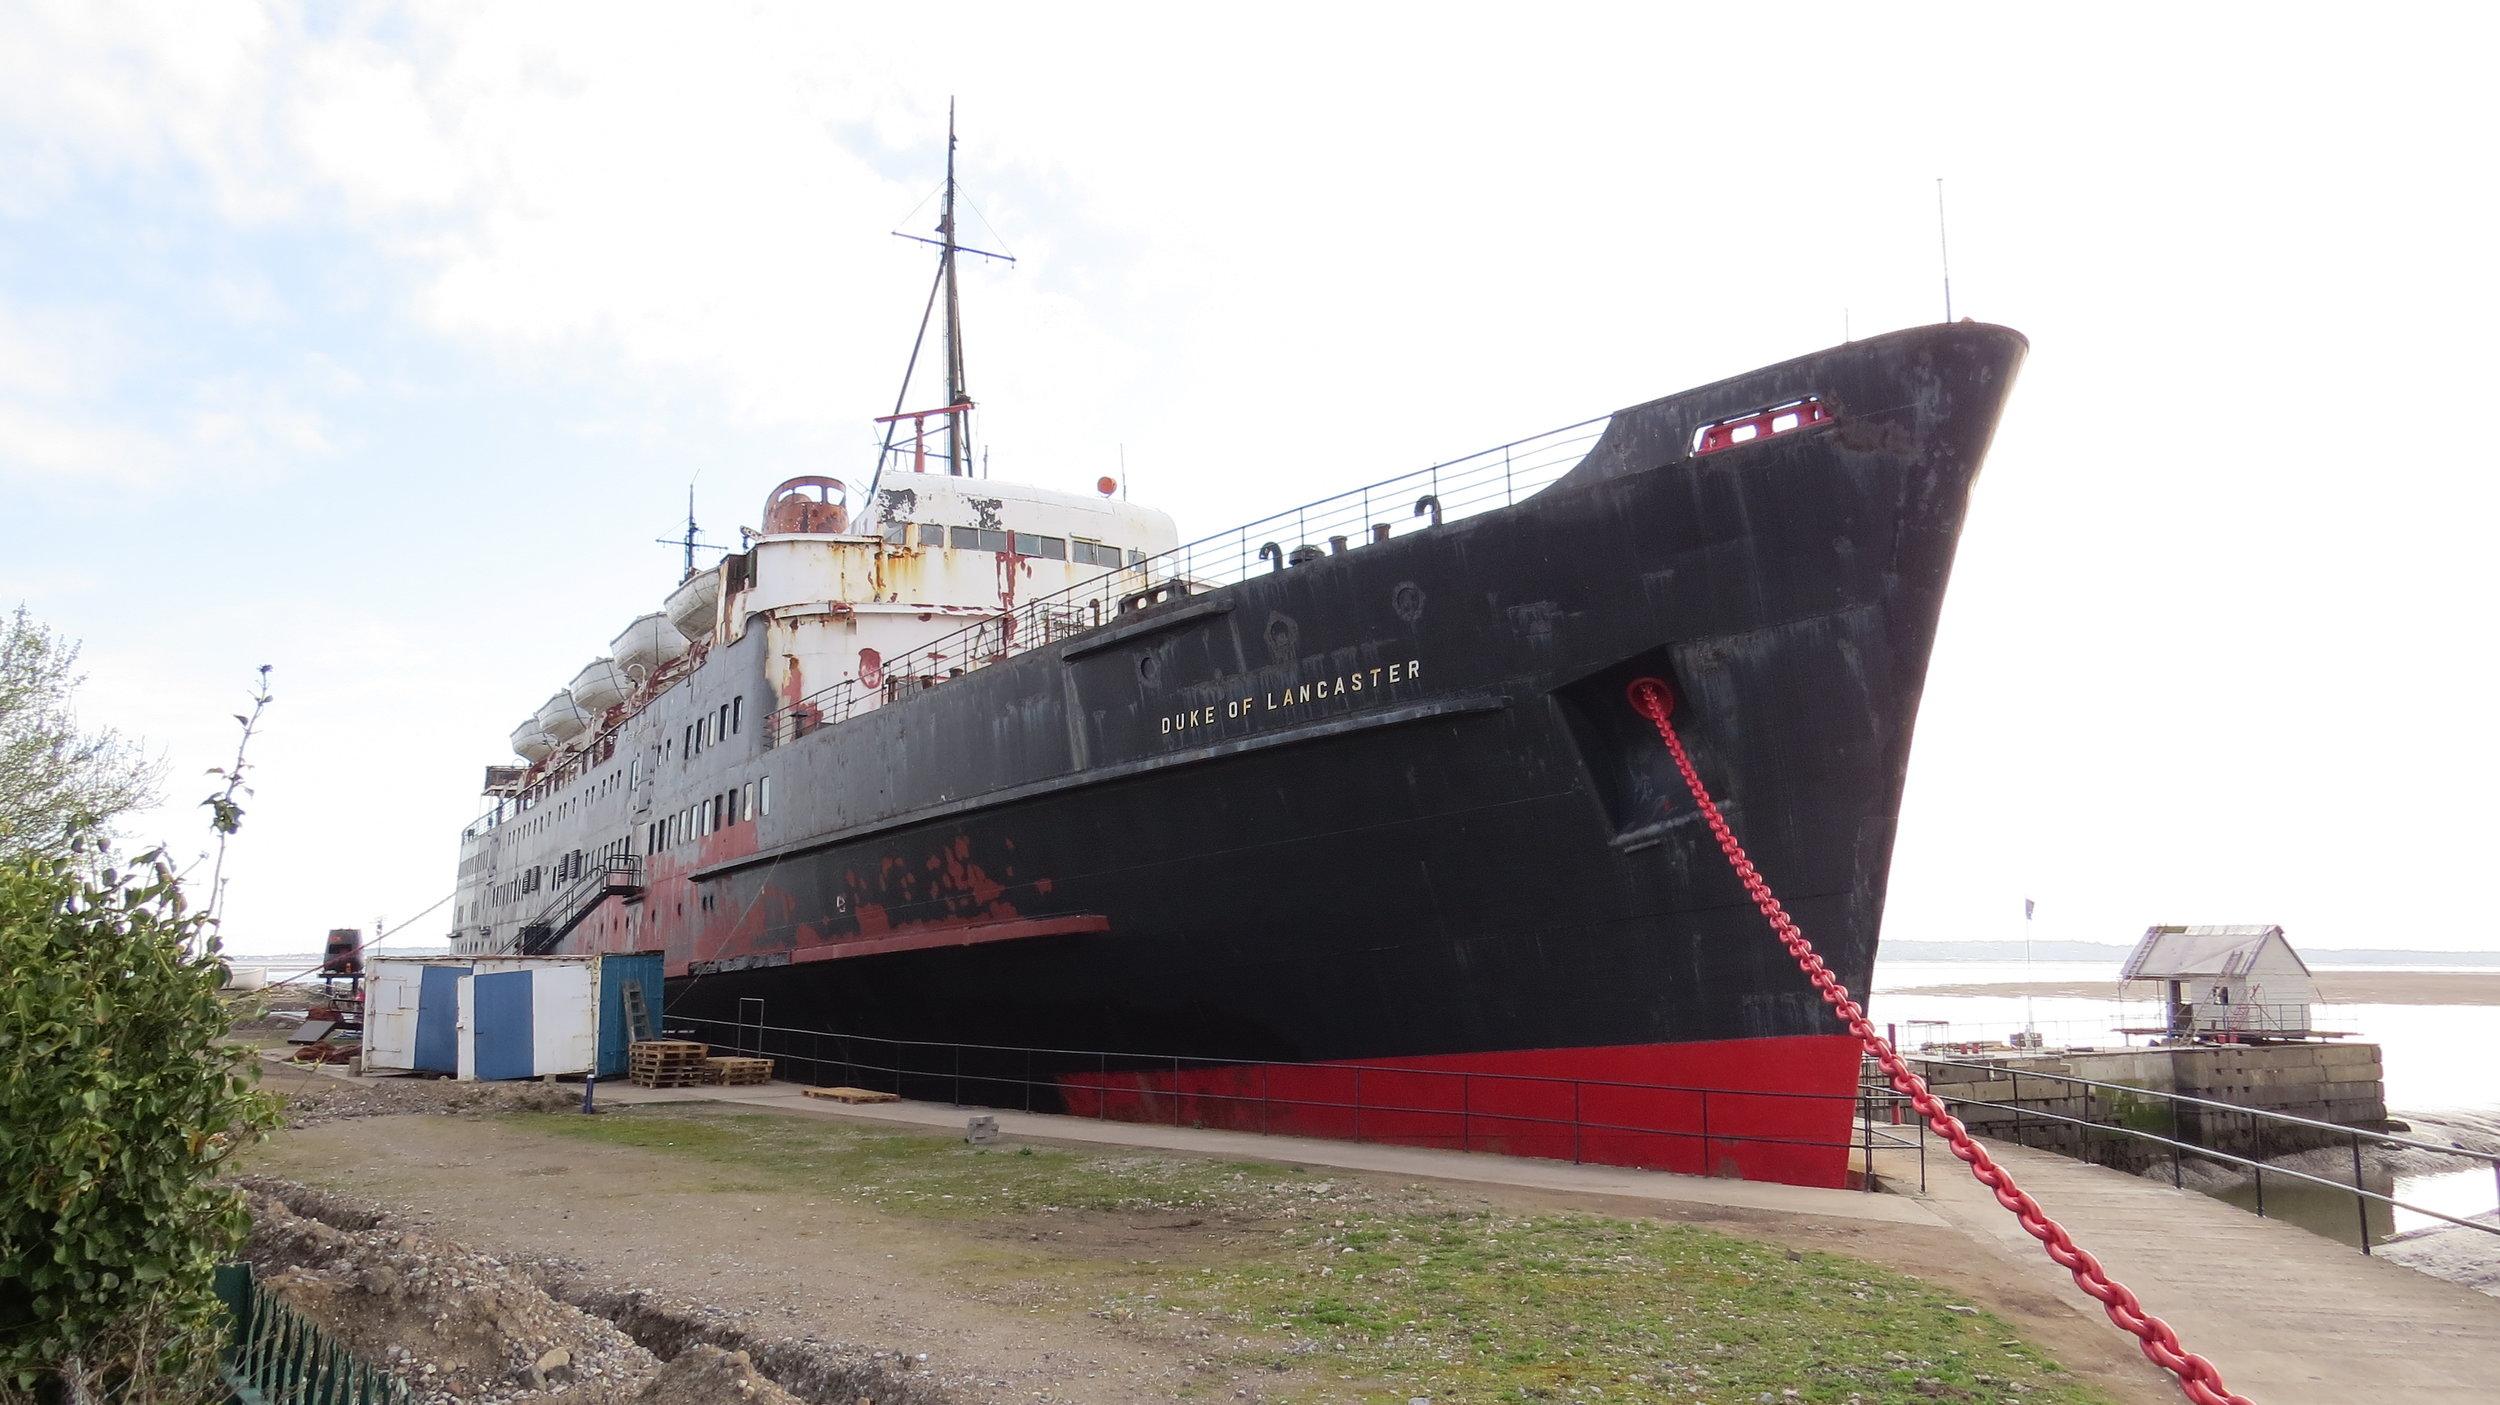 Duke of Lancaster Ship